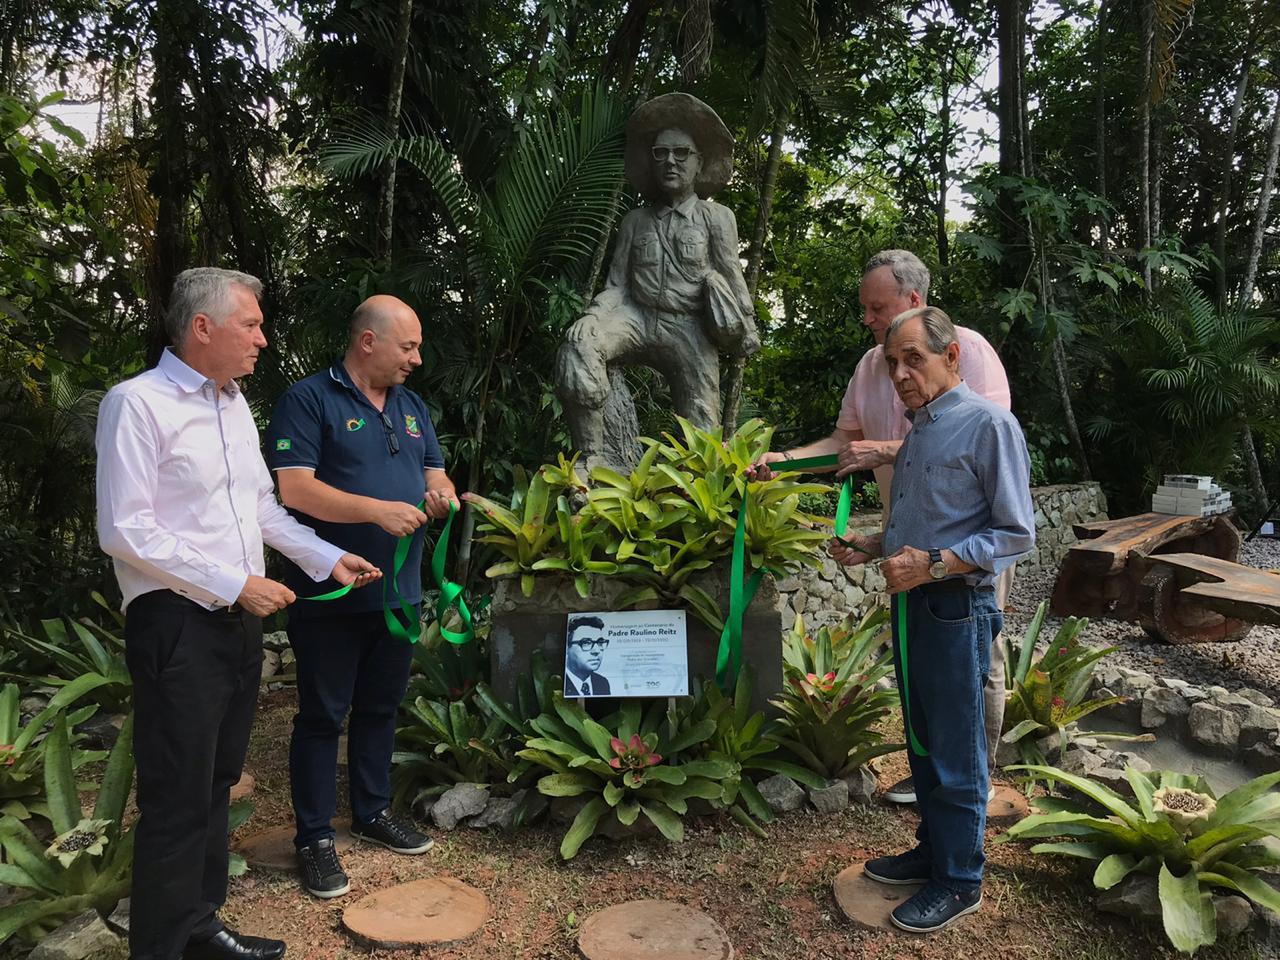 Inaugurado o monumento em homenagem ao padre Raulino Reitz